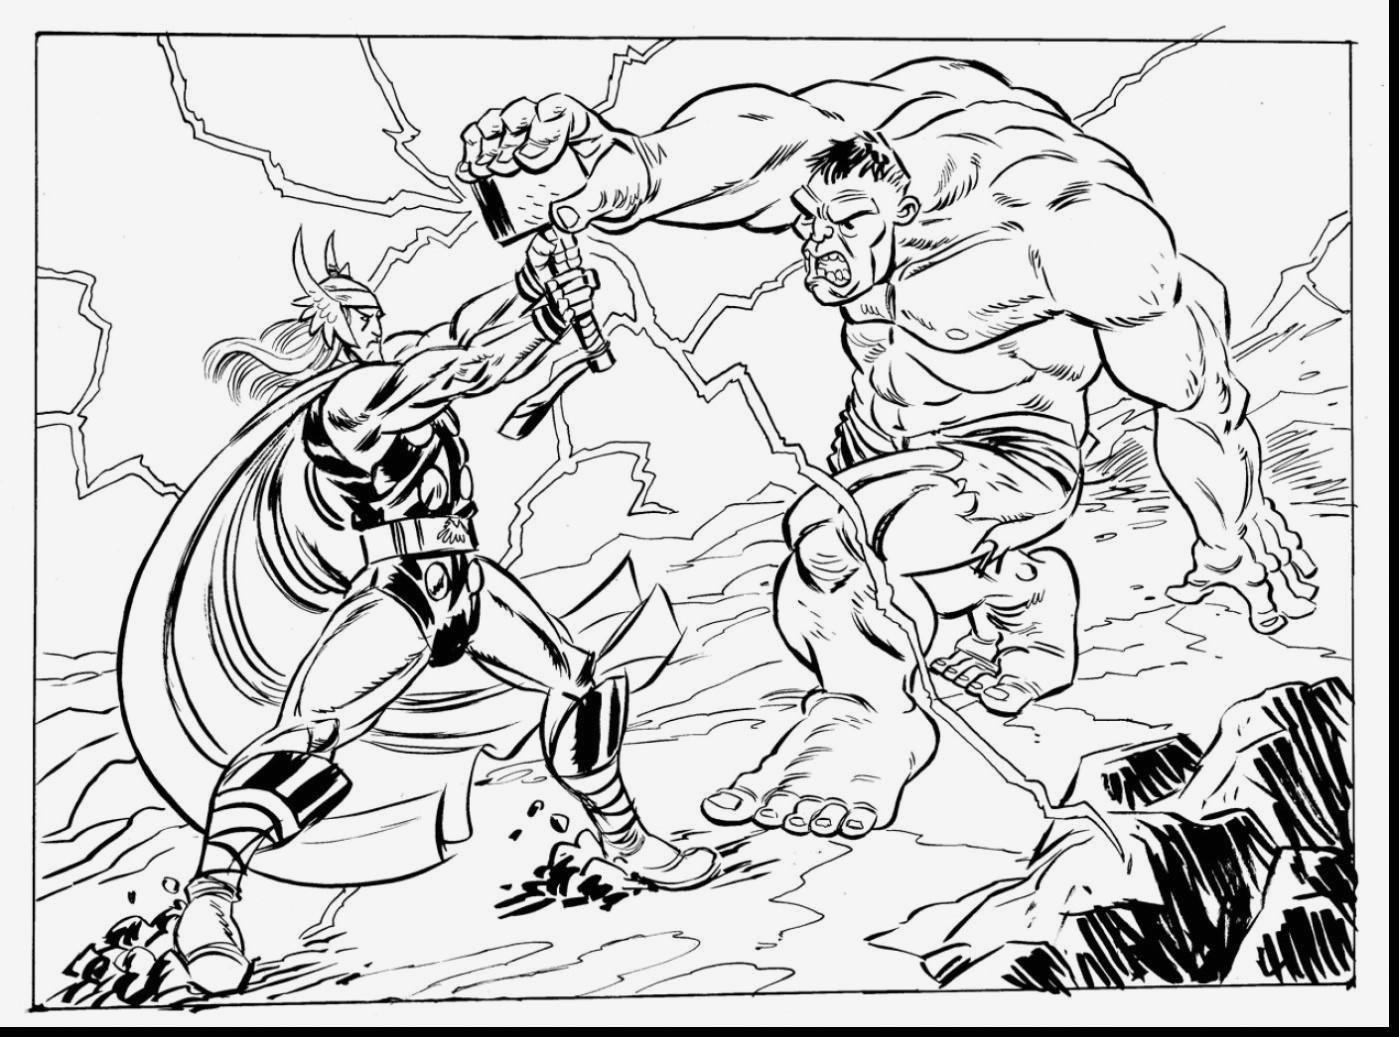 Avengers Ausmalbilder Zum Ausdrucken Das Beste Von 44 Neu Ausmalbilder Avengers Malvorlagen Sammlungen Das Bild